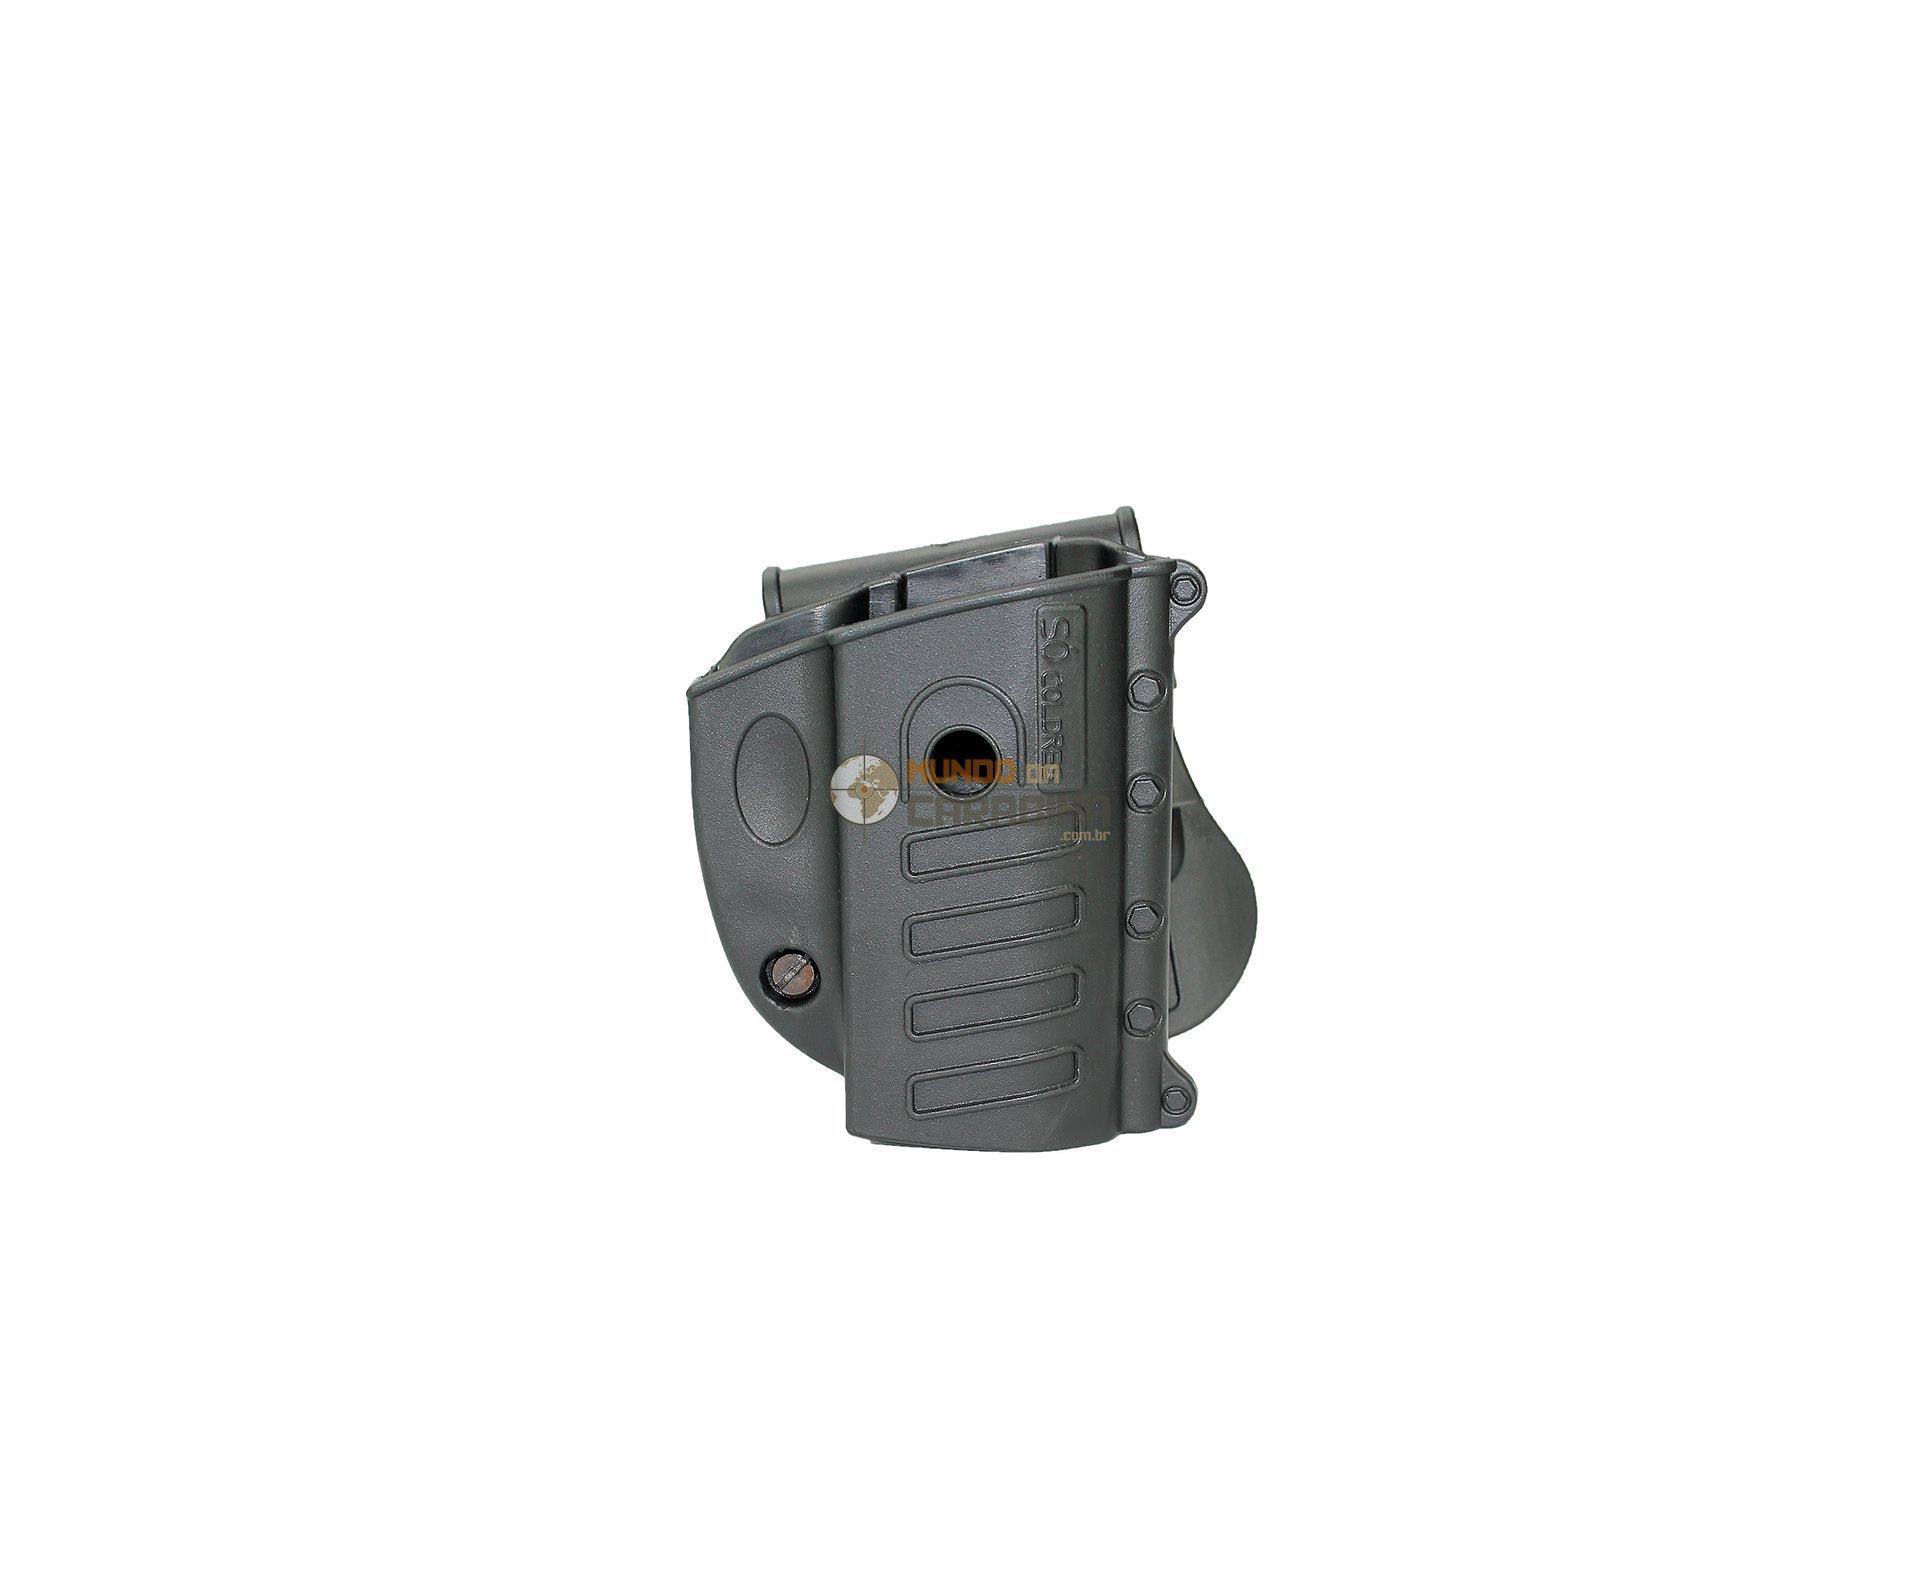 Coldre Universal Com Trava De Pressão Taurus, Glock E Grand Power Destro - So Coldres